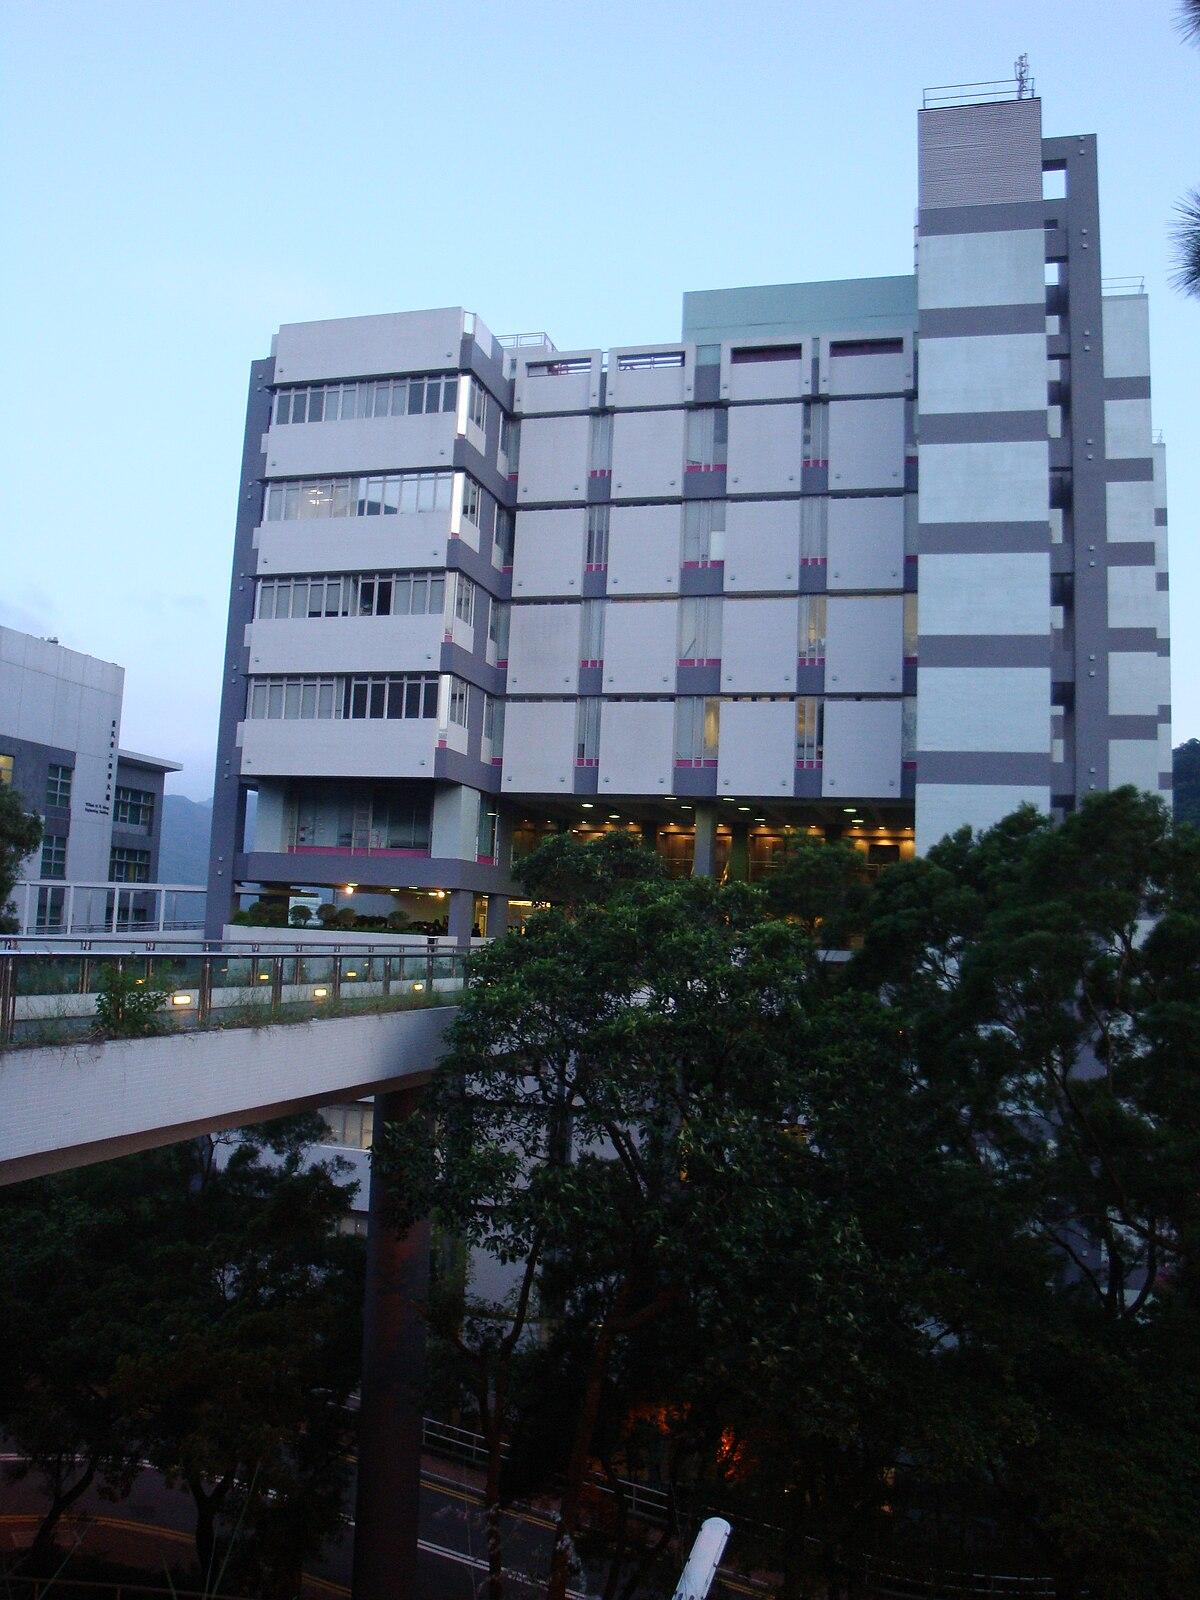 香港中文大學工程學院 - 維基百科,自由的百科全書